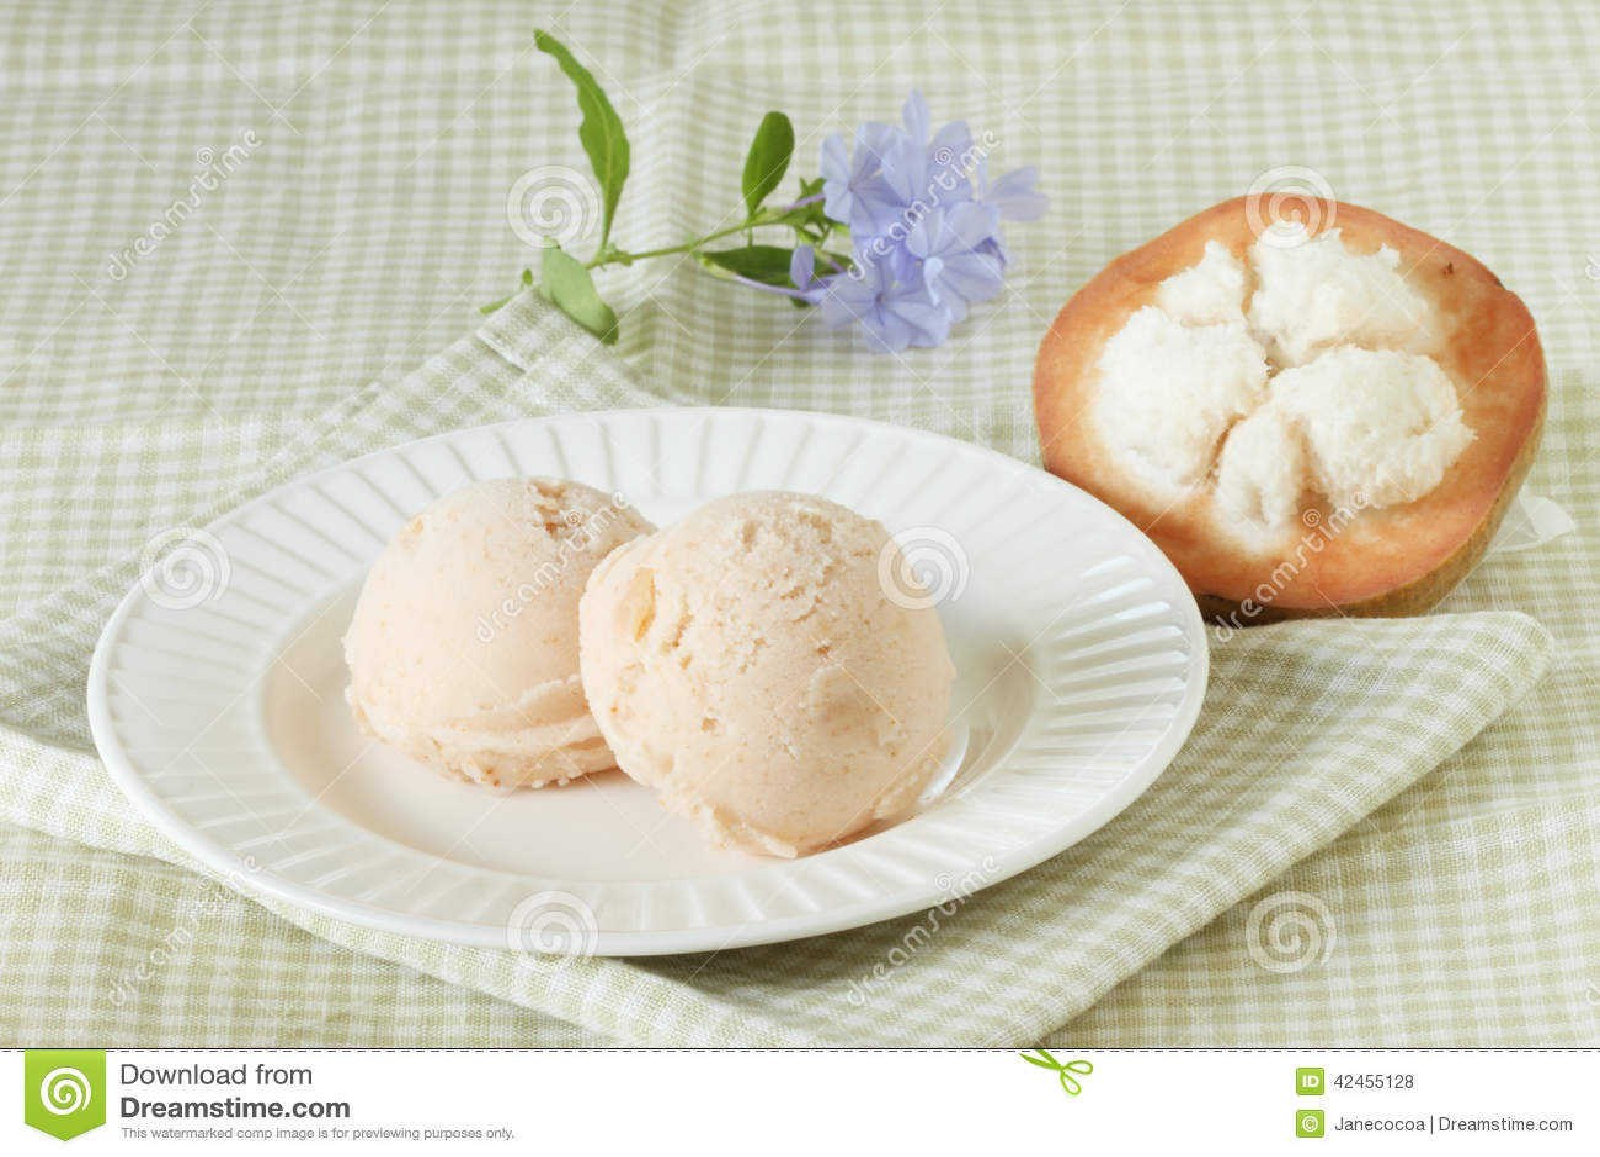 Santol-Sorbett-Eiscreme mit frischem santol